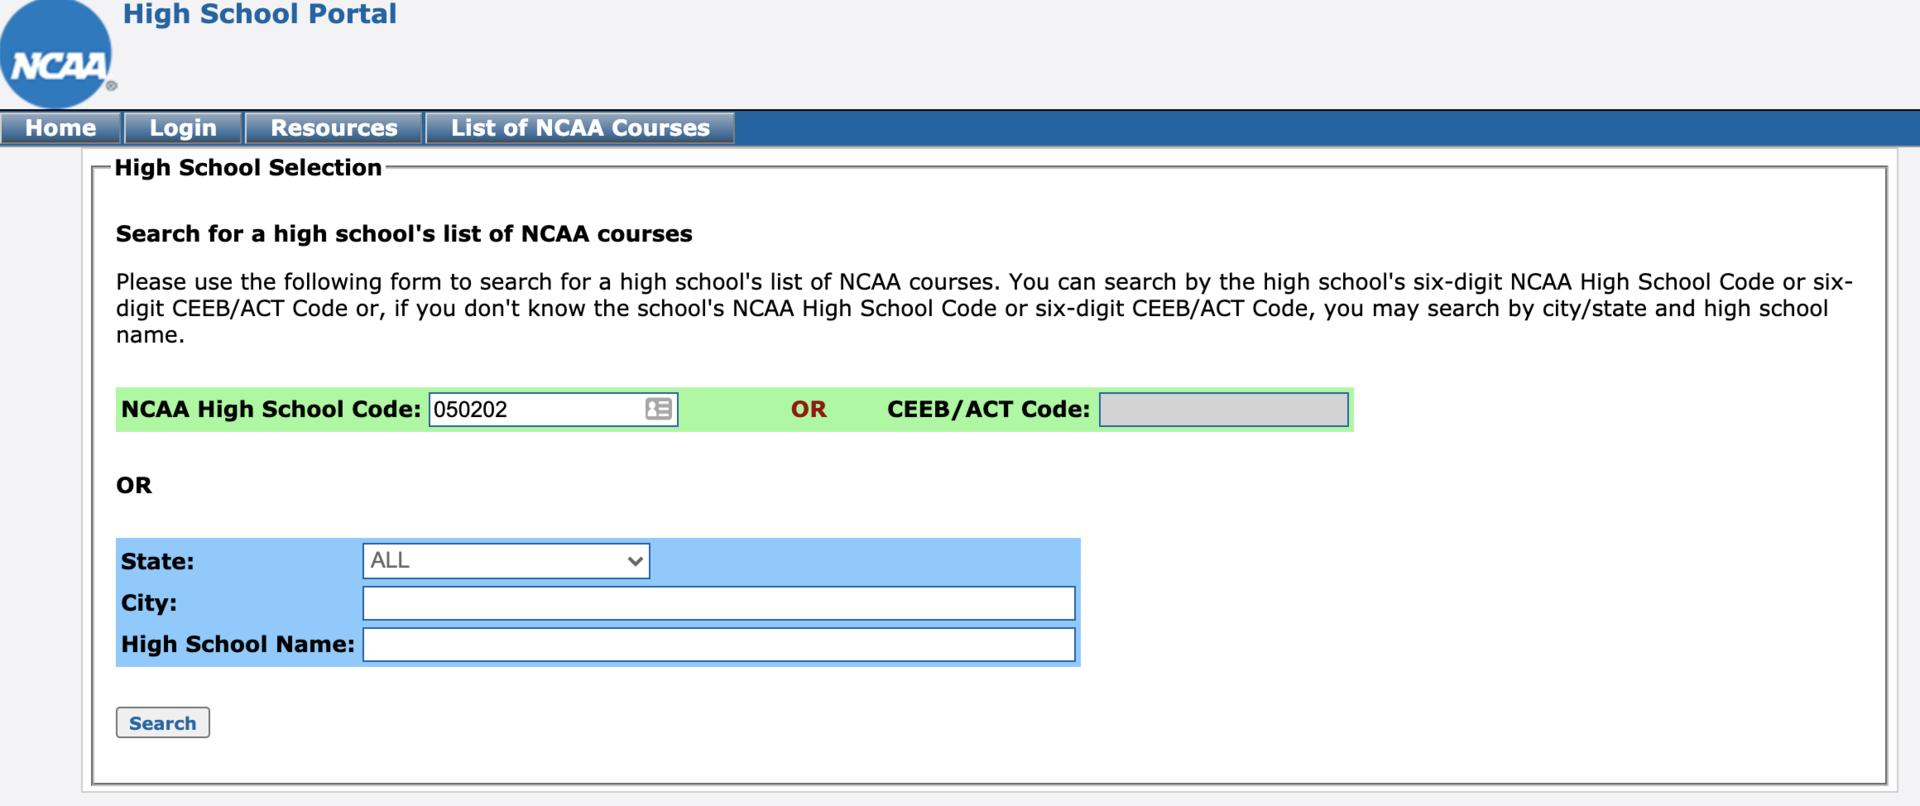 High School Portal